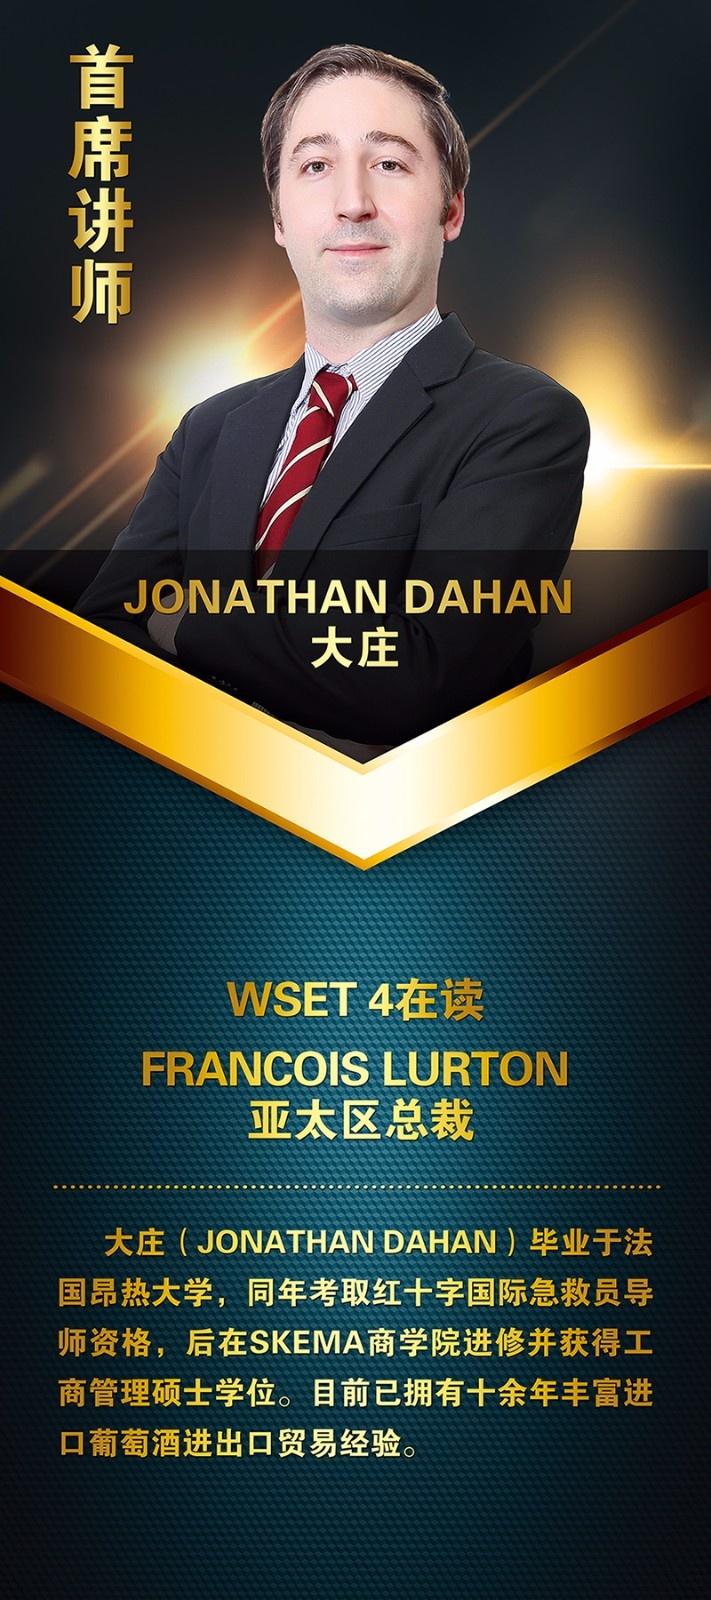 Jonathan Dahan大庄-个人简介.jpg